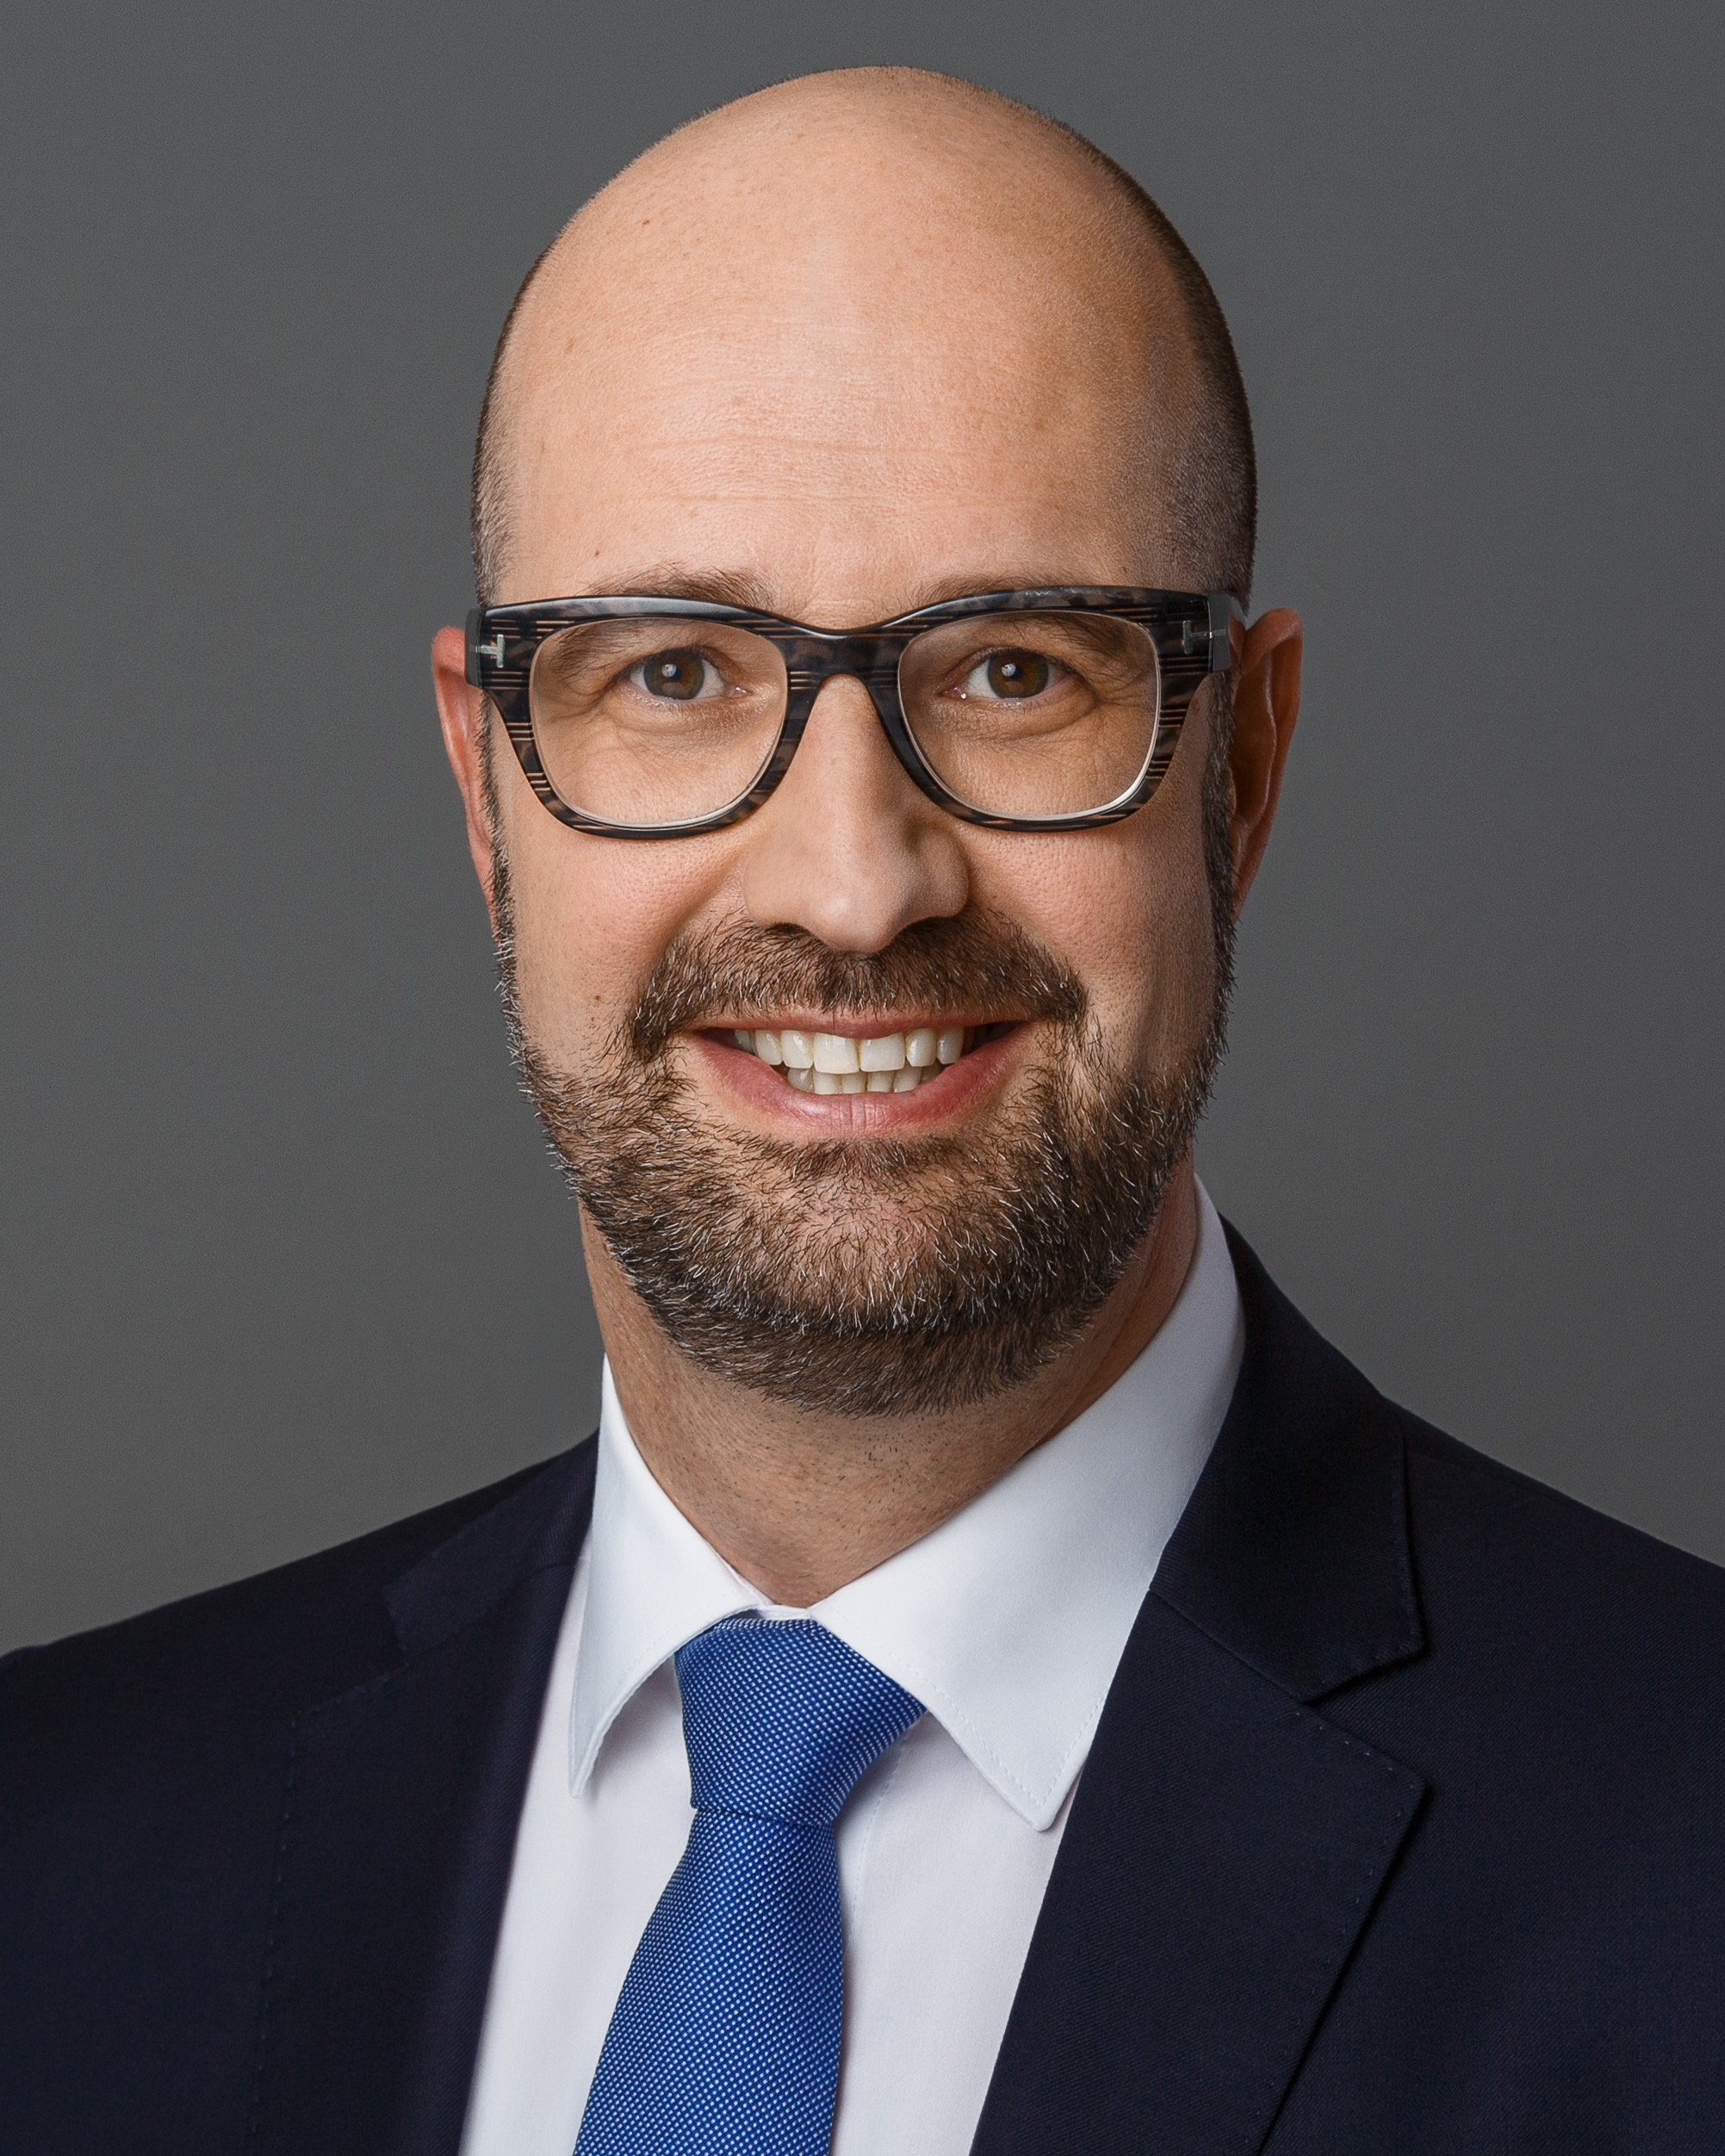 Commerzbank Online Handy Aufladen